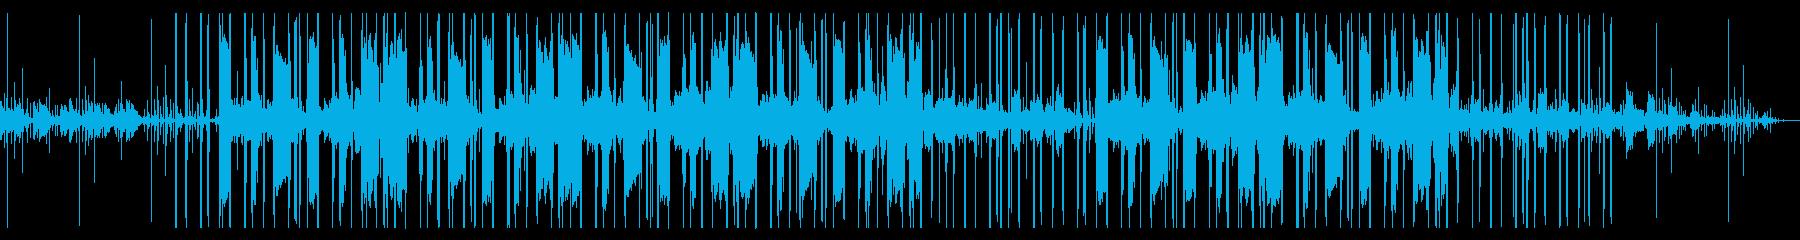 優しいオルゴールのチル・ヒップホップの再生済みの波形